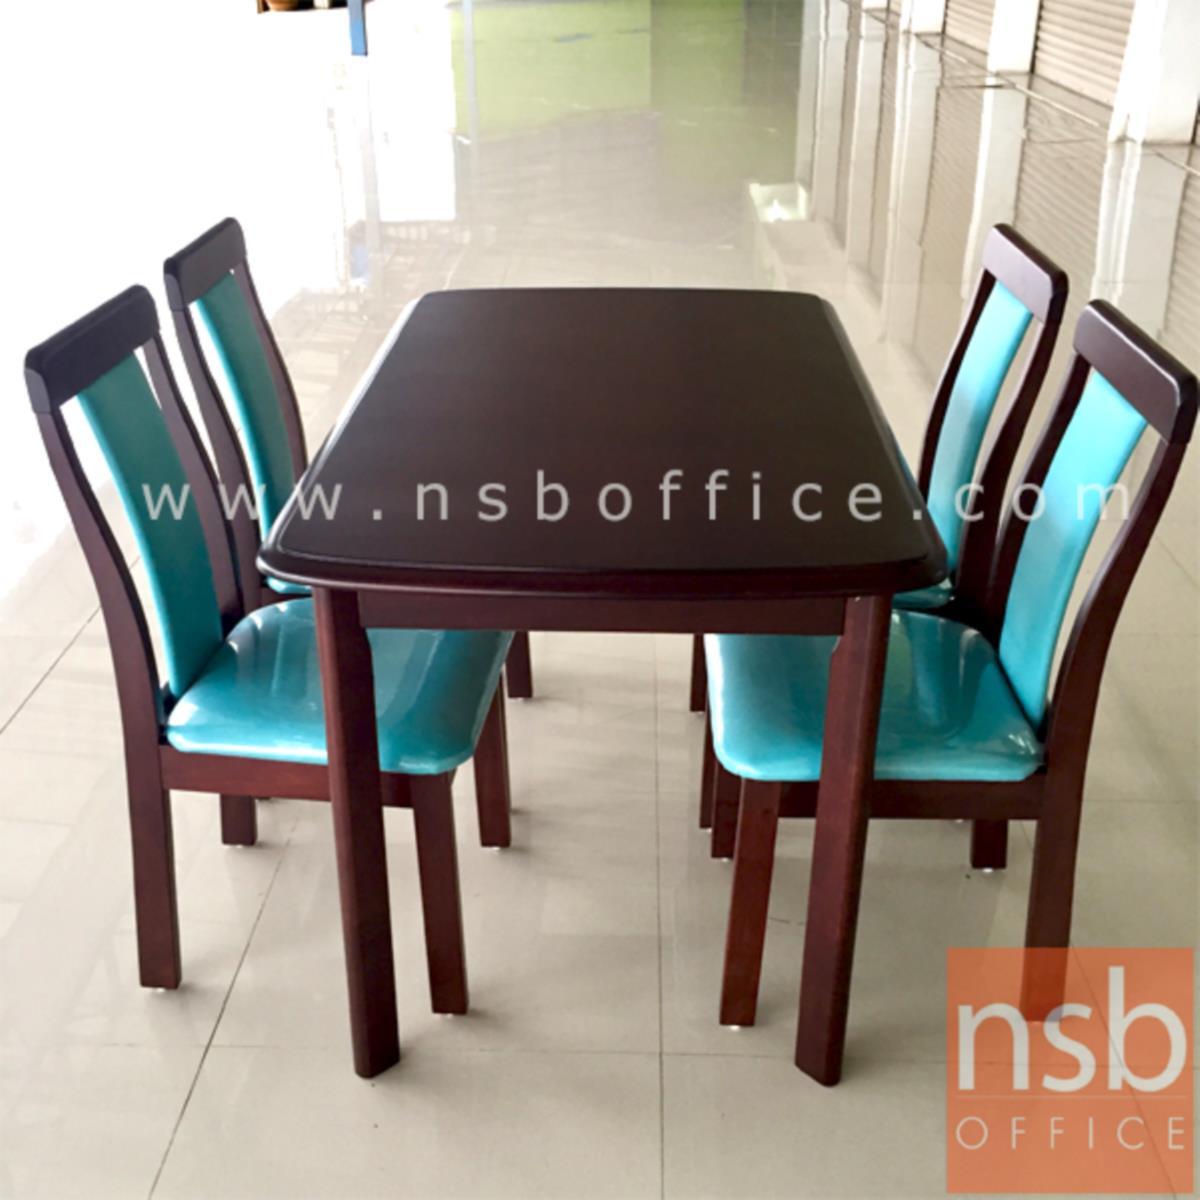 ชุดโต๊ะรับประทานอาหารไม้ยางพารา 4 ที่นั่ง สีธรรมชาติ รุ่น SUNNY-8  ขนาด 120W cm. พร้อมเก้าอี้